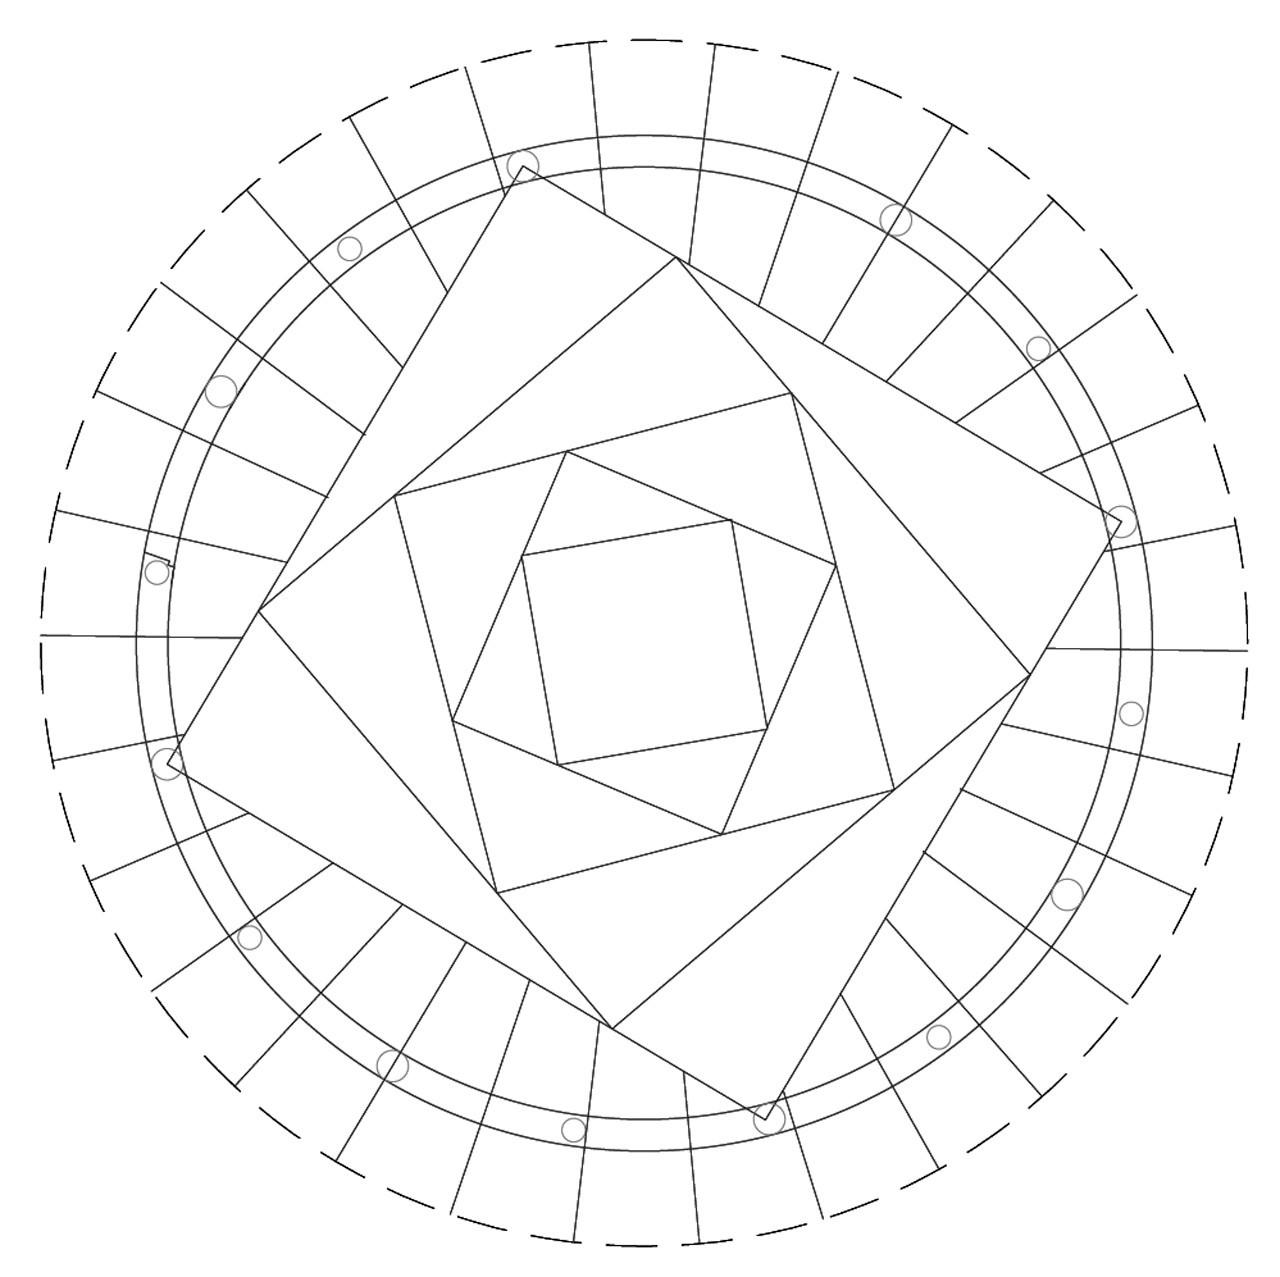 Fig. 2 Polígonos cuadrangulares regulares no-concéntricos, progresivamente reducidos, en rotación y reducción. Número de lados = 4; cantidad de polígonos = 5. Image Cortesia de Marco Aresta y Giulia Scialpi